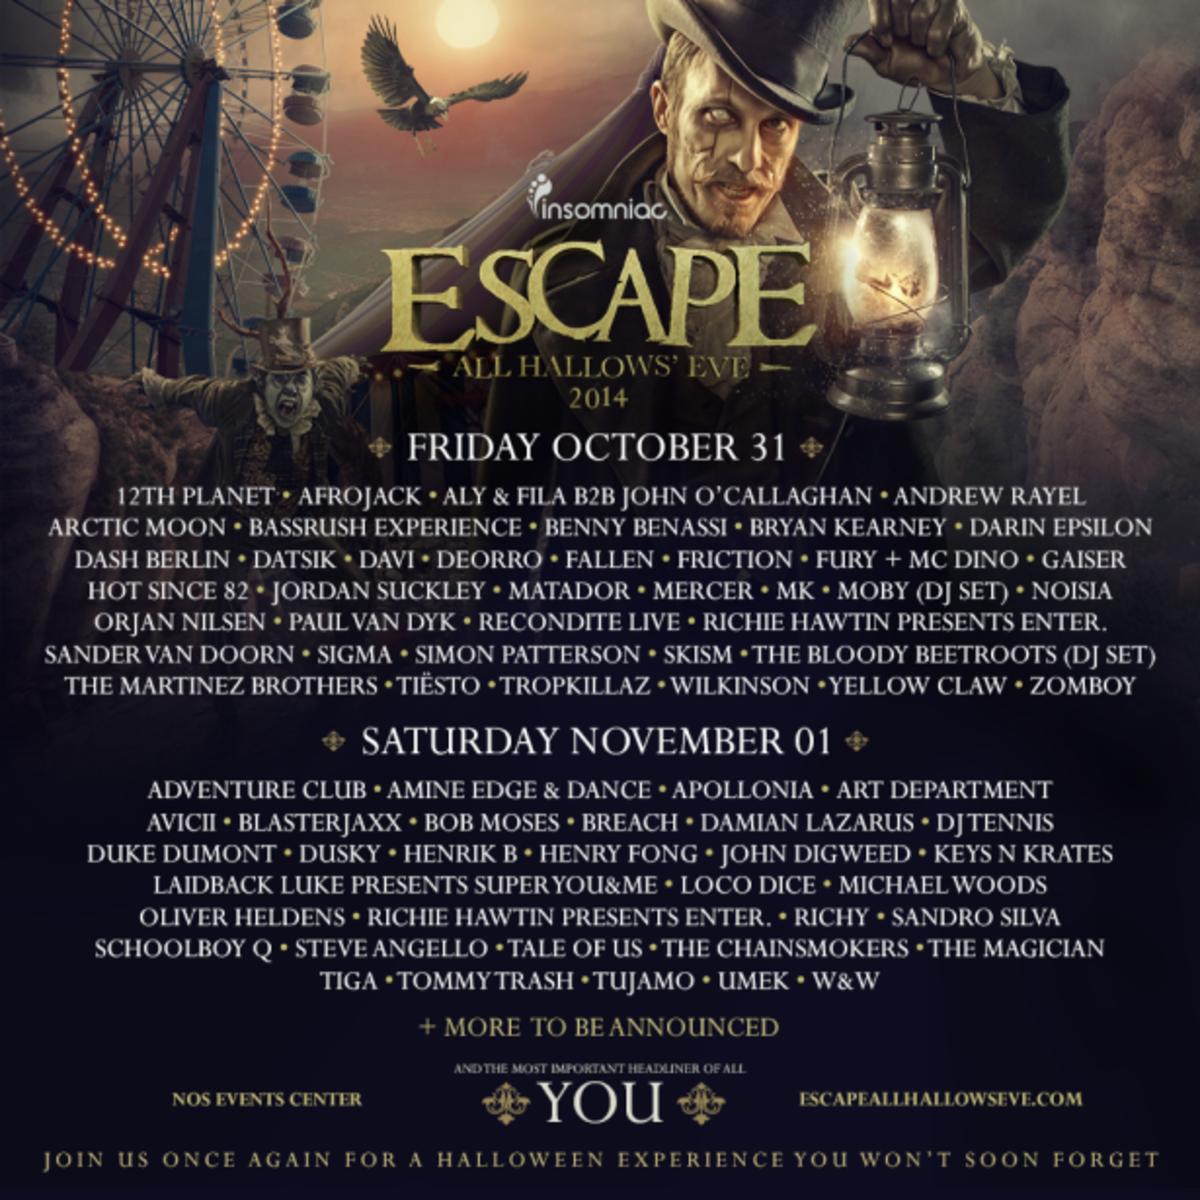 Escape 2014 lineup